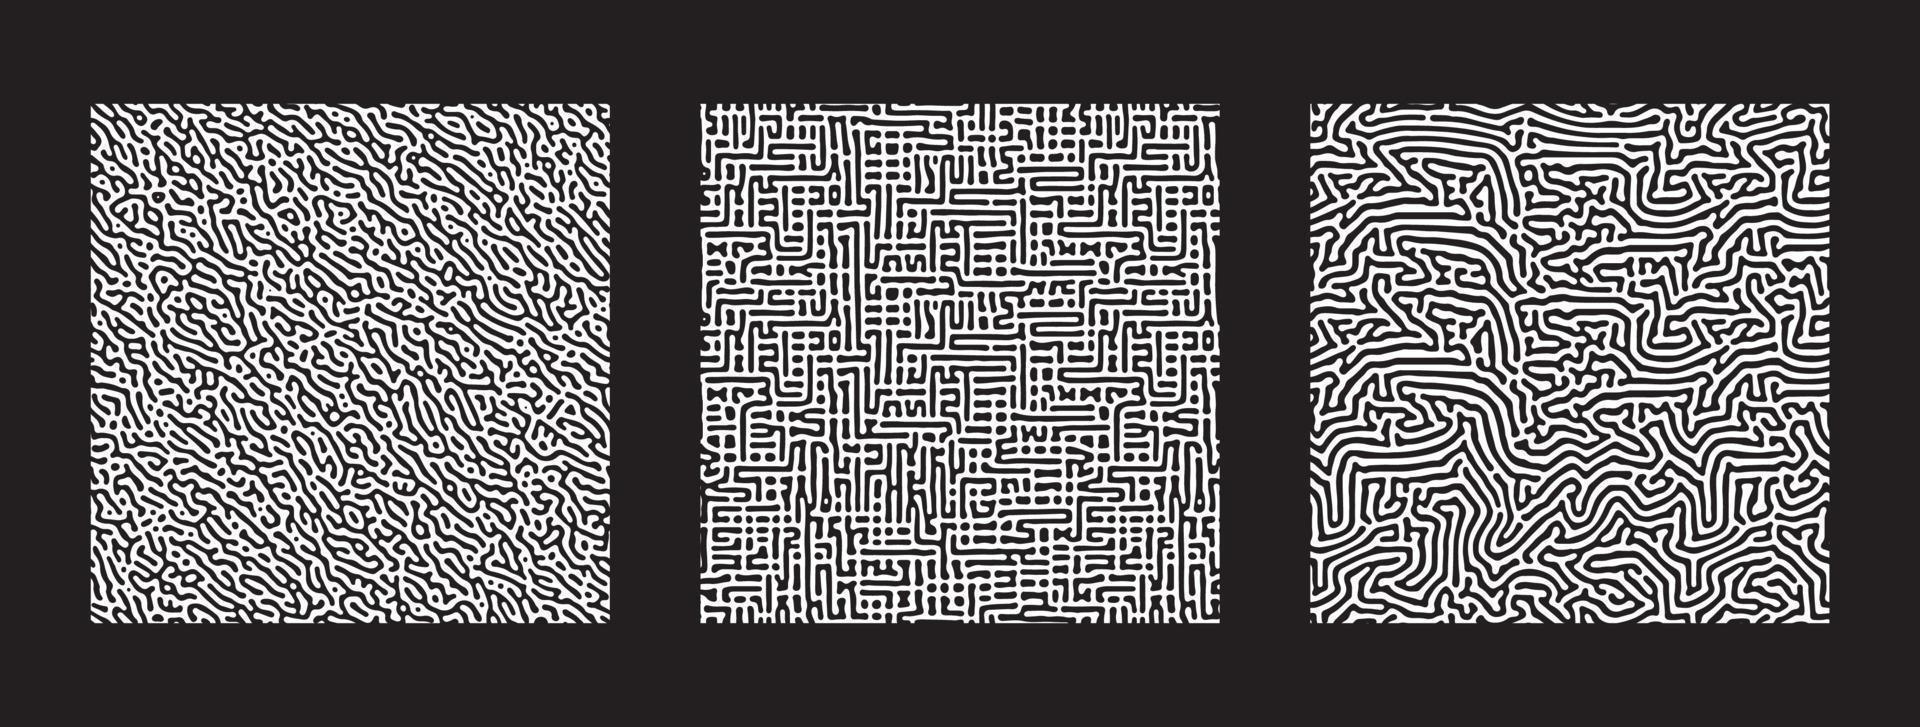 colección de patrones sin fisuras abstractos de turing. vector